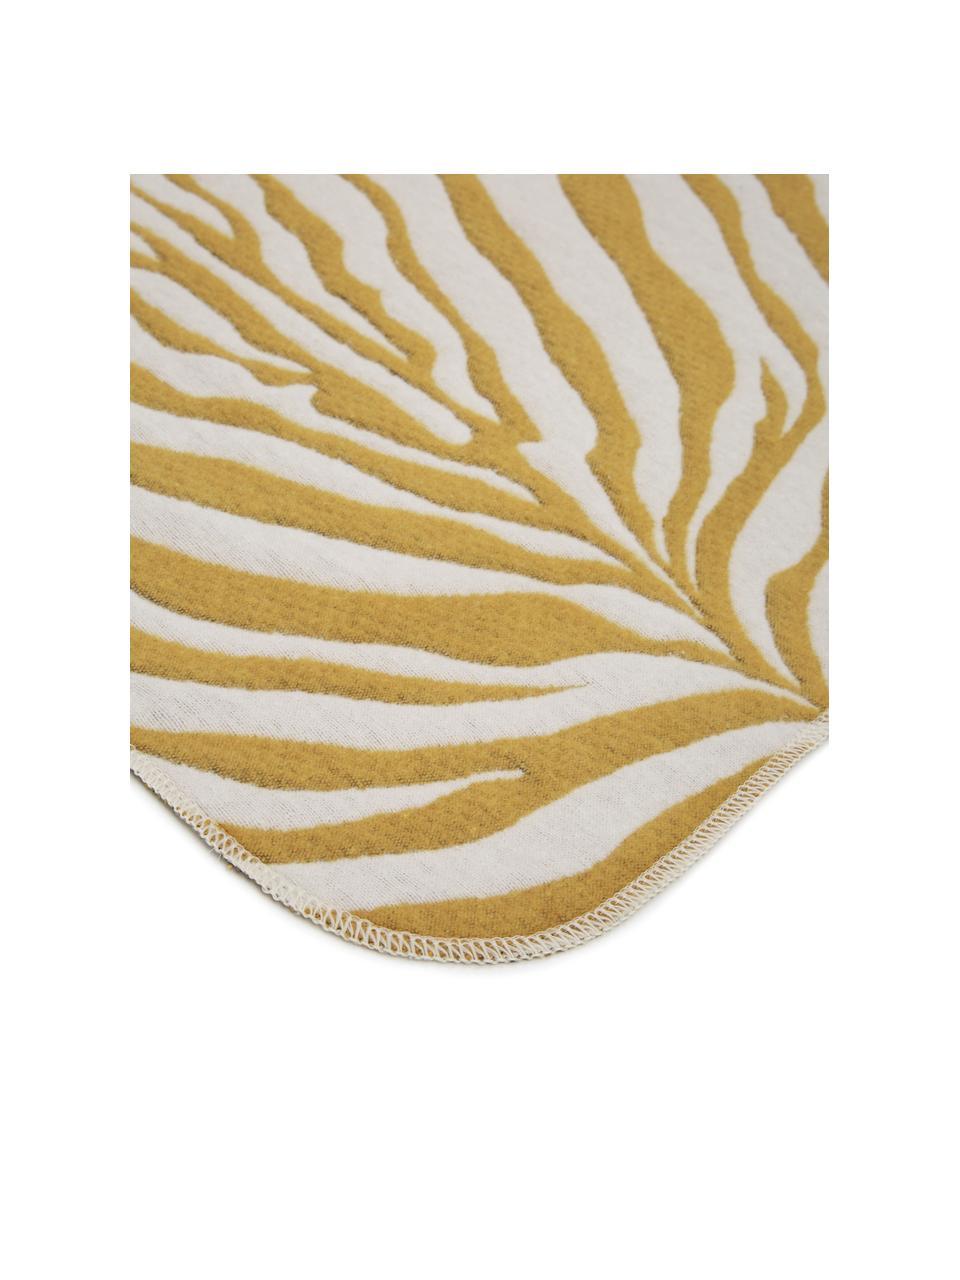 Pled Sana, Musztardowy, biały, S 140 x D 180 cm